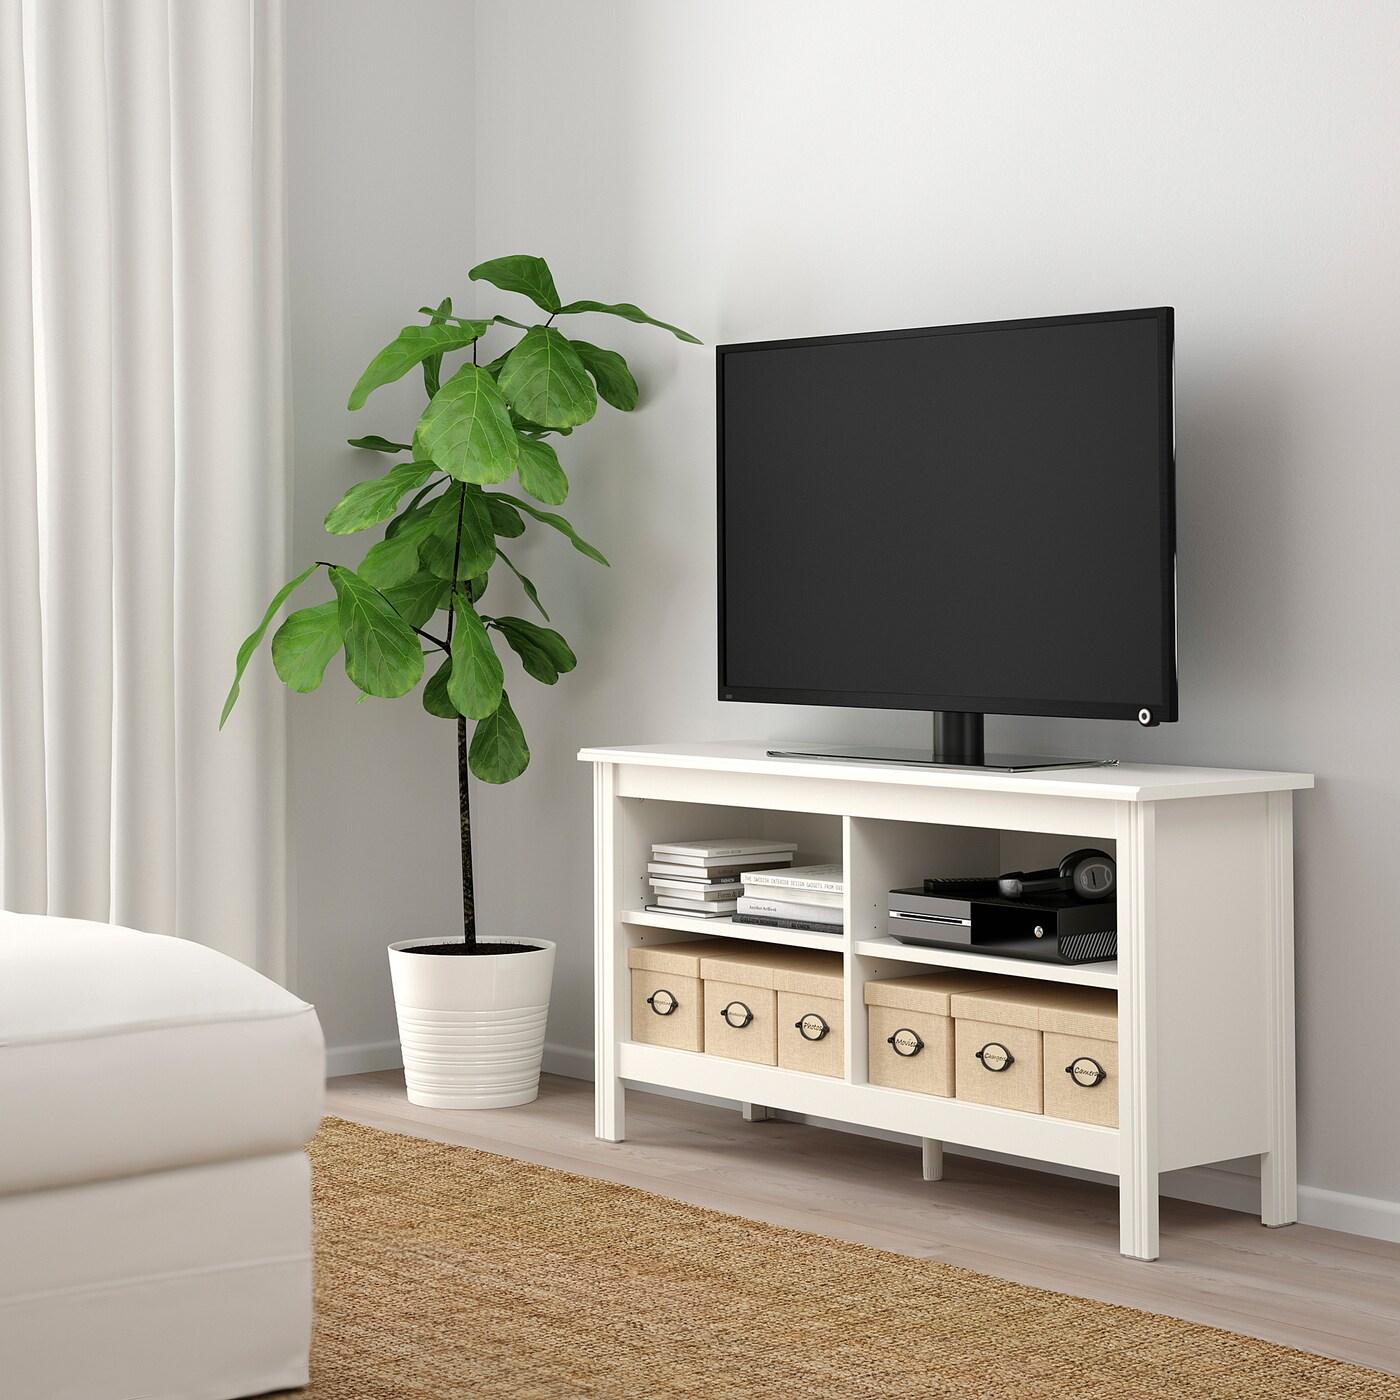 oblik trava bezmirisan ikea meuble tv